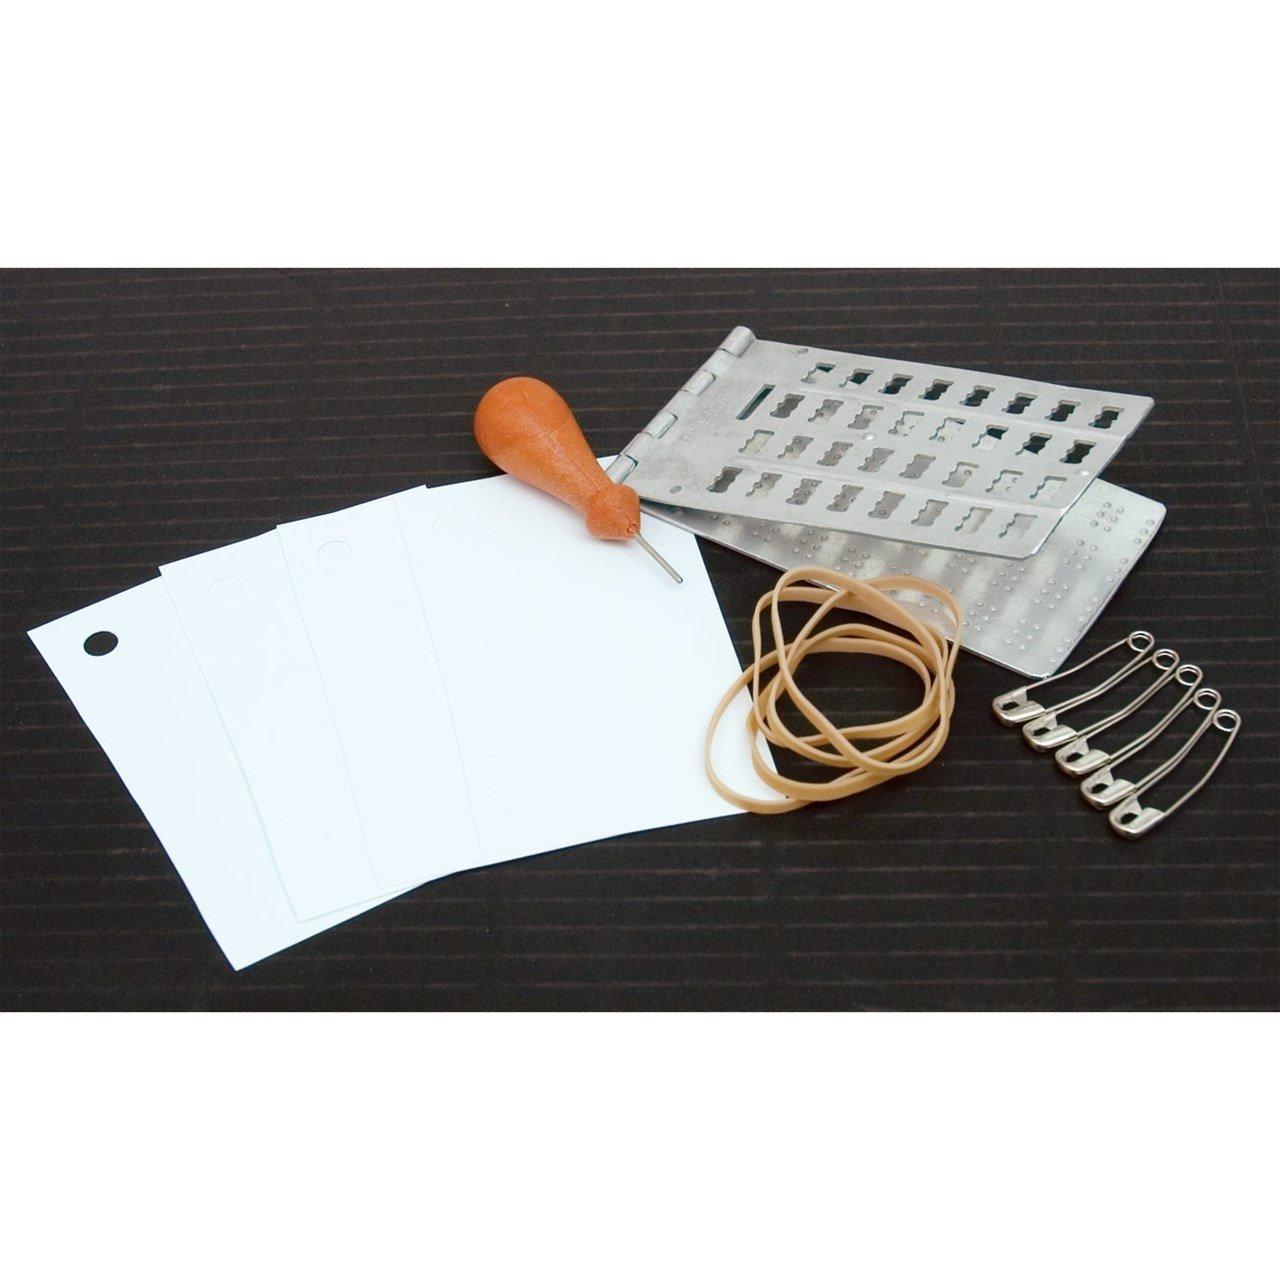 Pocket Jumbo Braille Labeling Kit